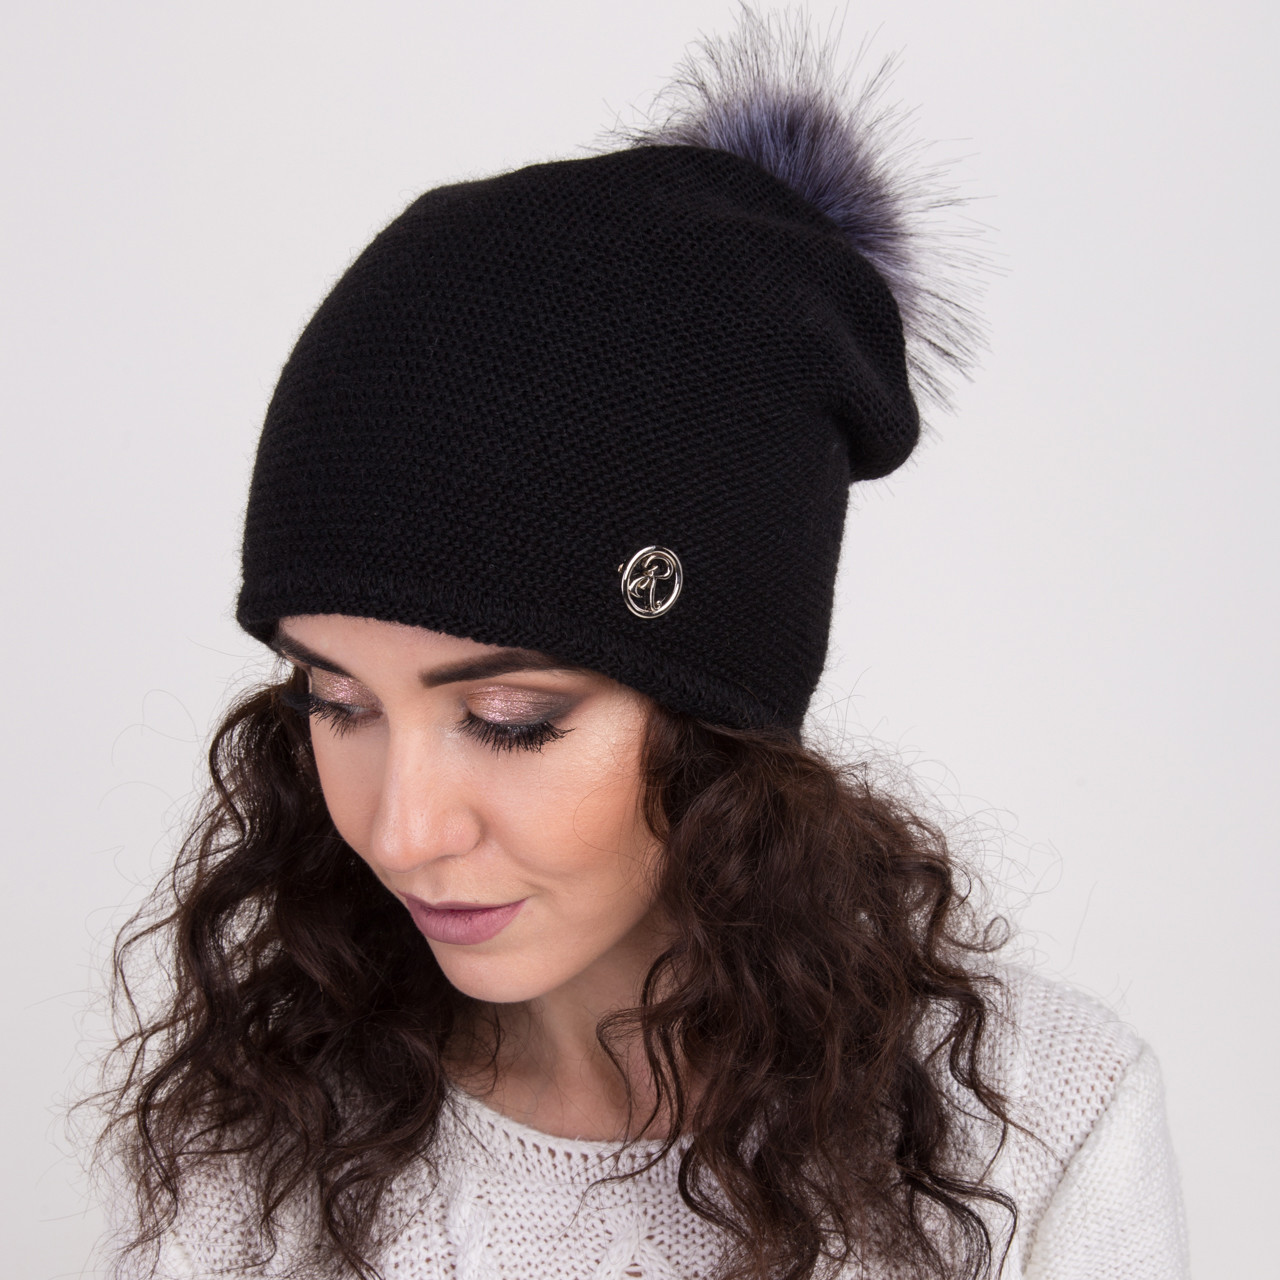 Вязанная шапка с меховым помпоном для женщин - зима 2018 - Арт 2158 (черная)